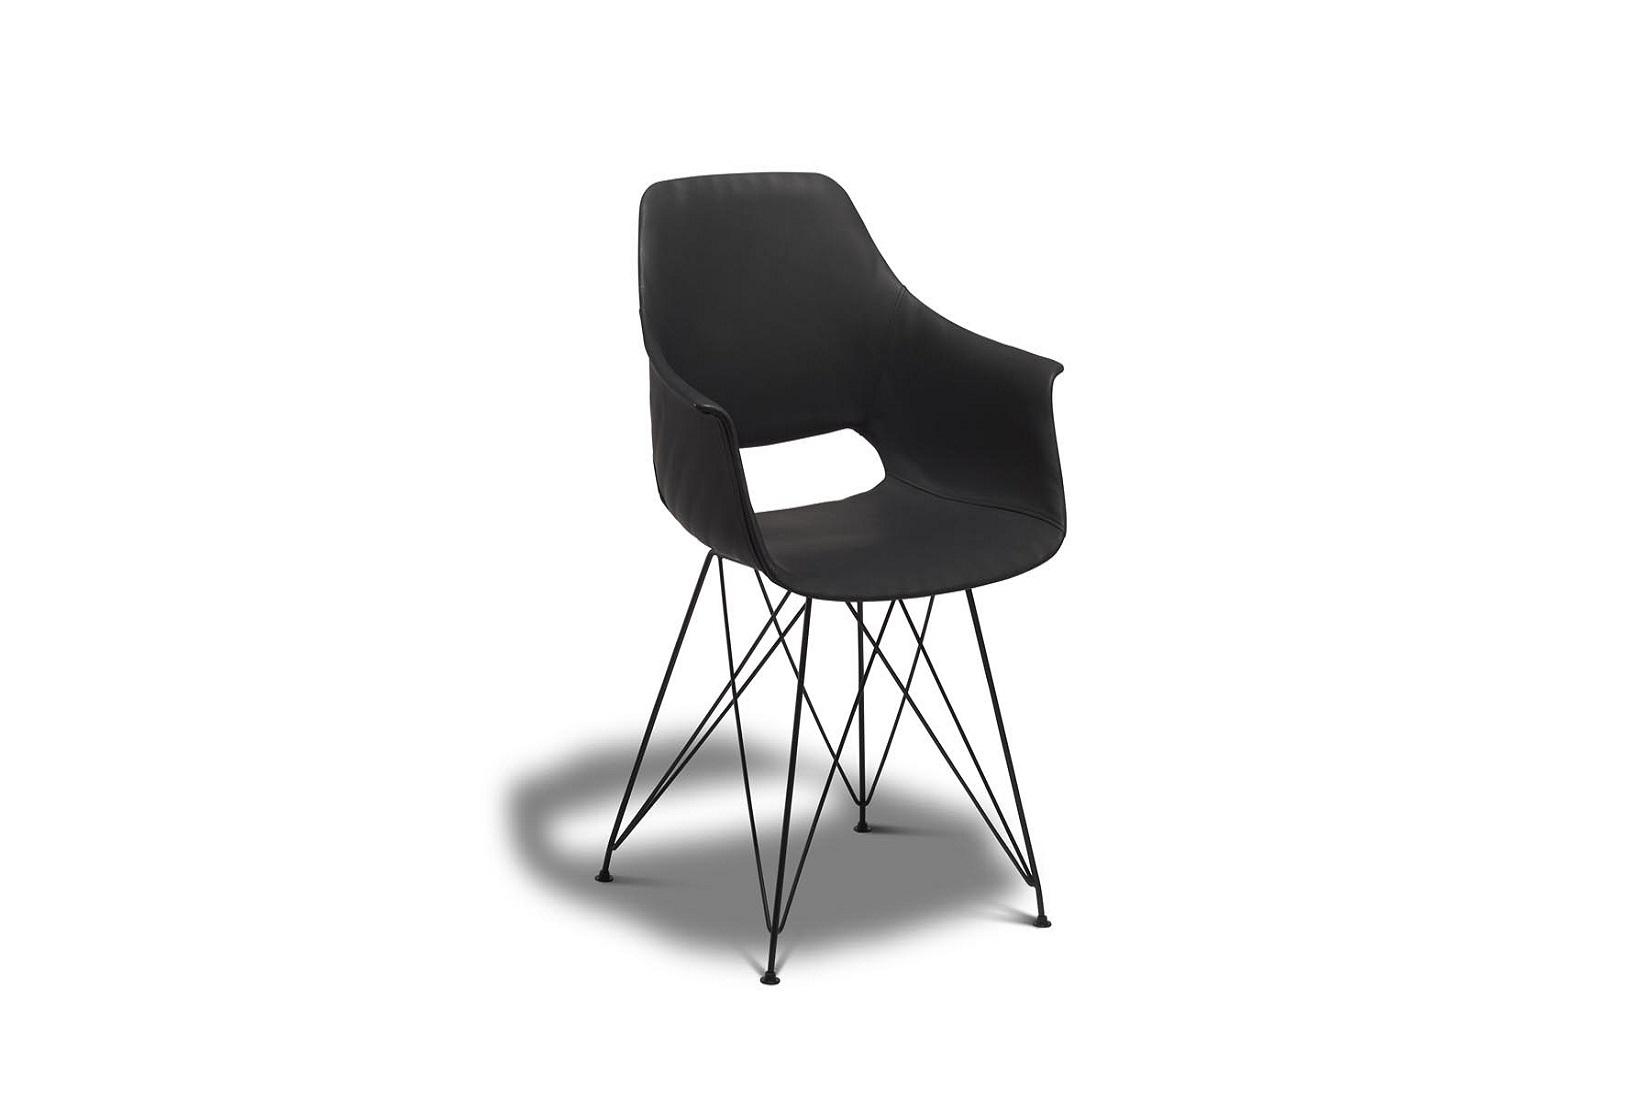 Jídelní židle Aban, černá